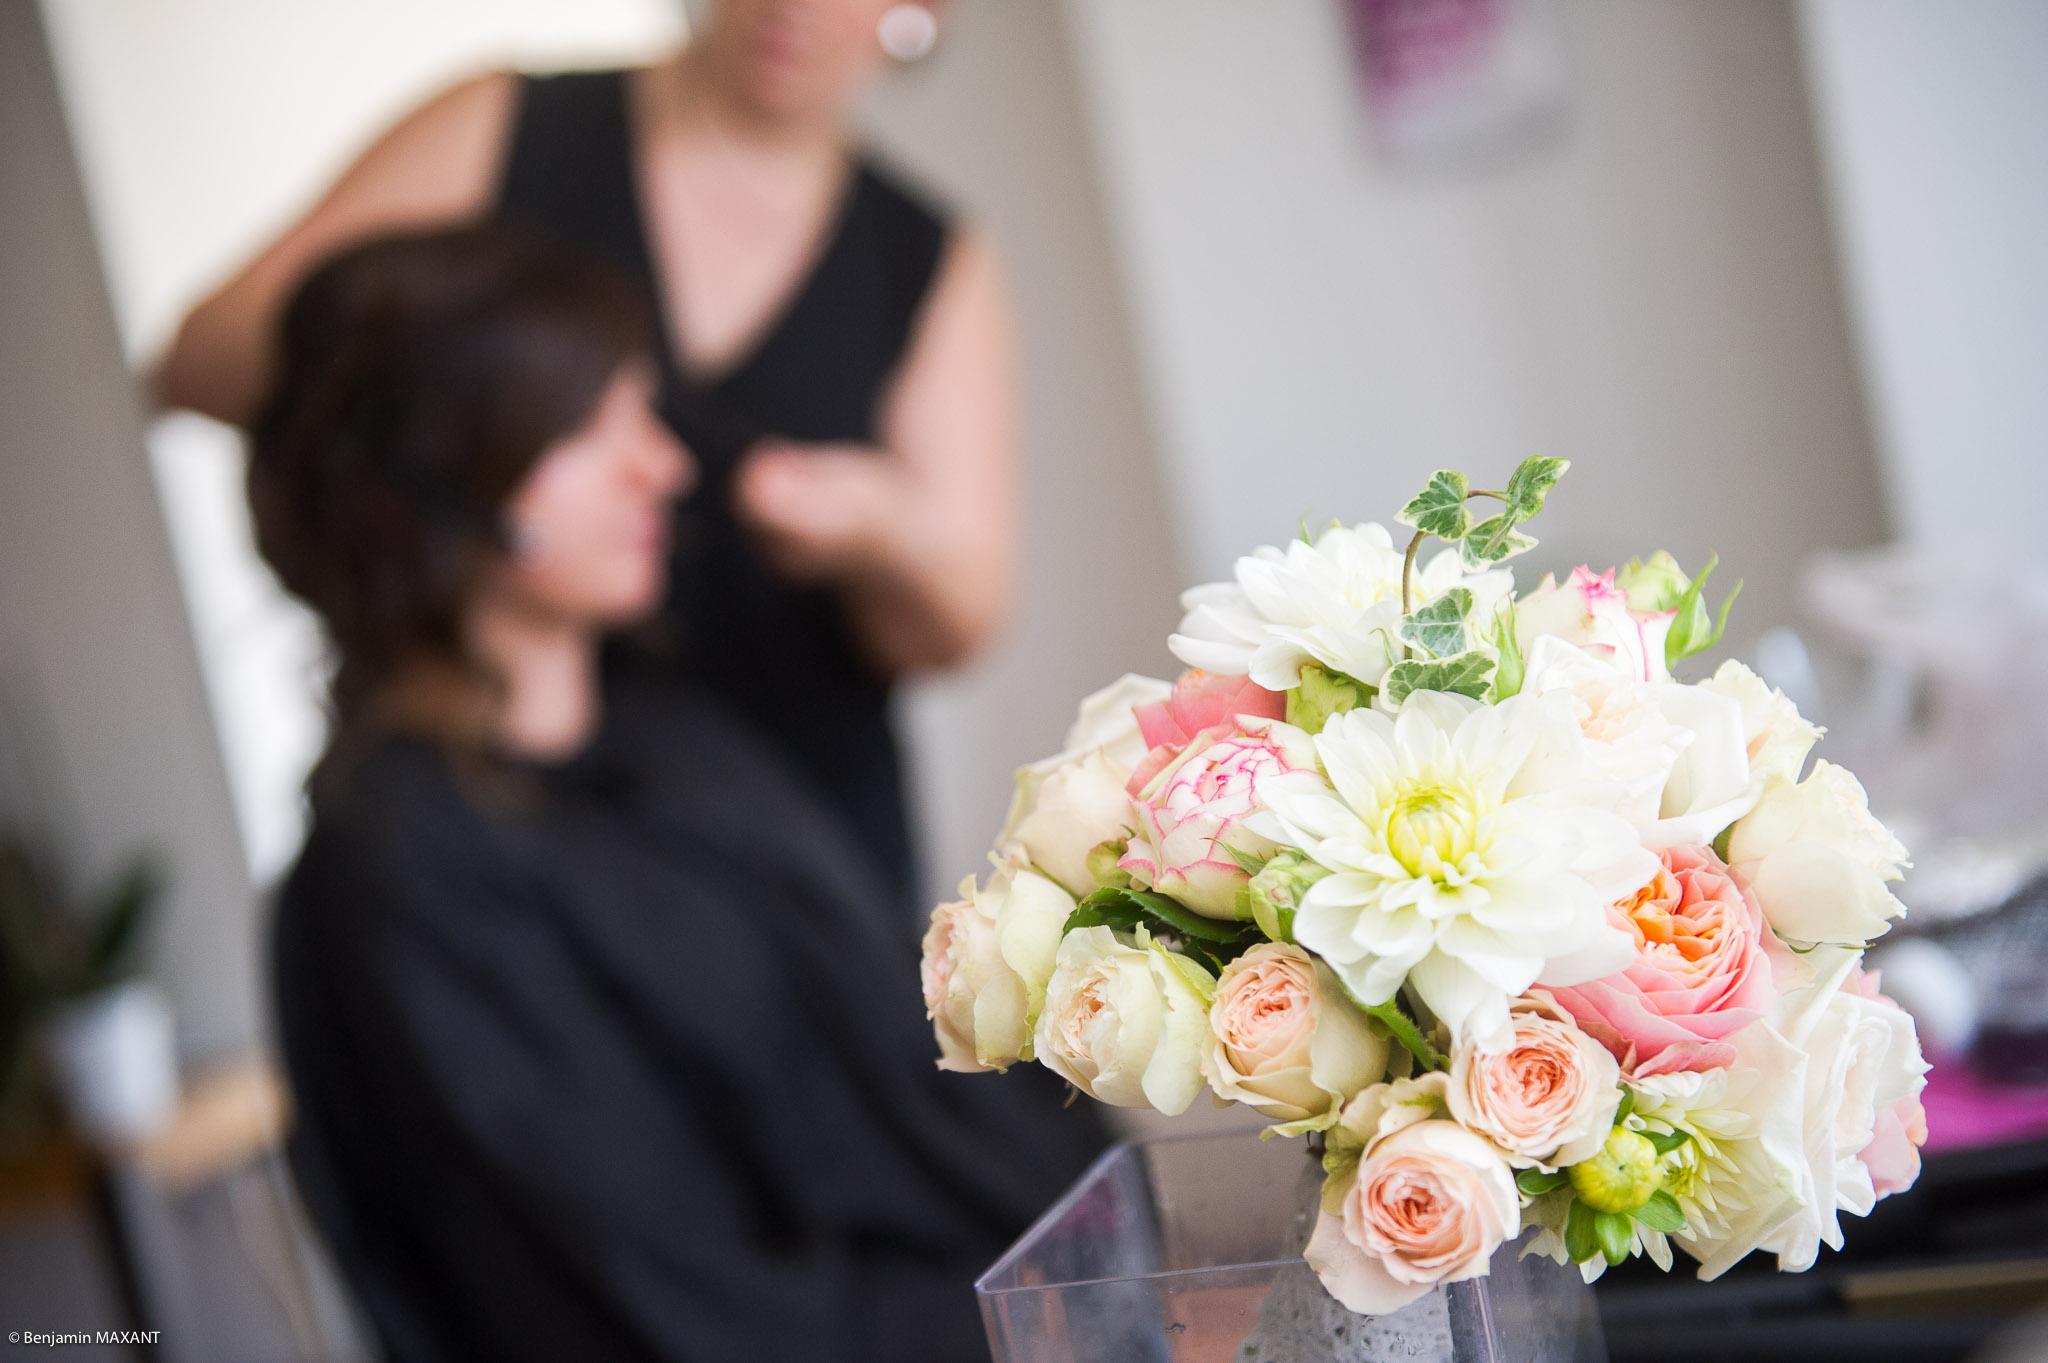 Préparation de Julie la mariée : la coiffure et le bouquet de la mariée